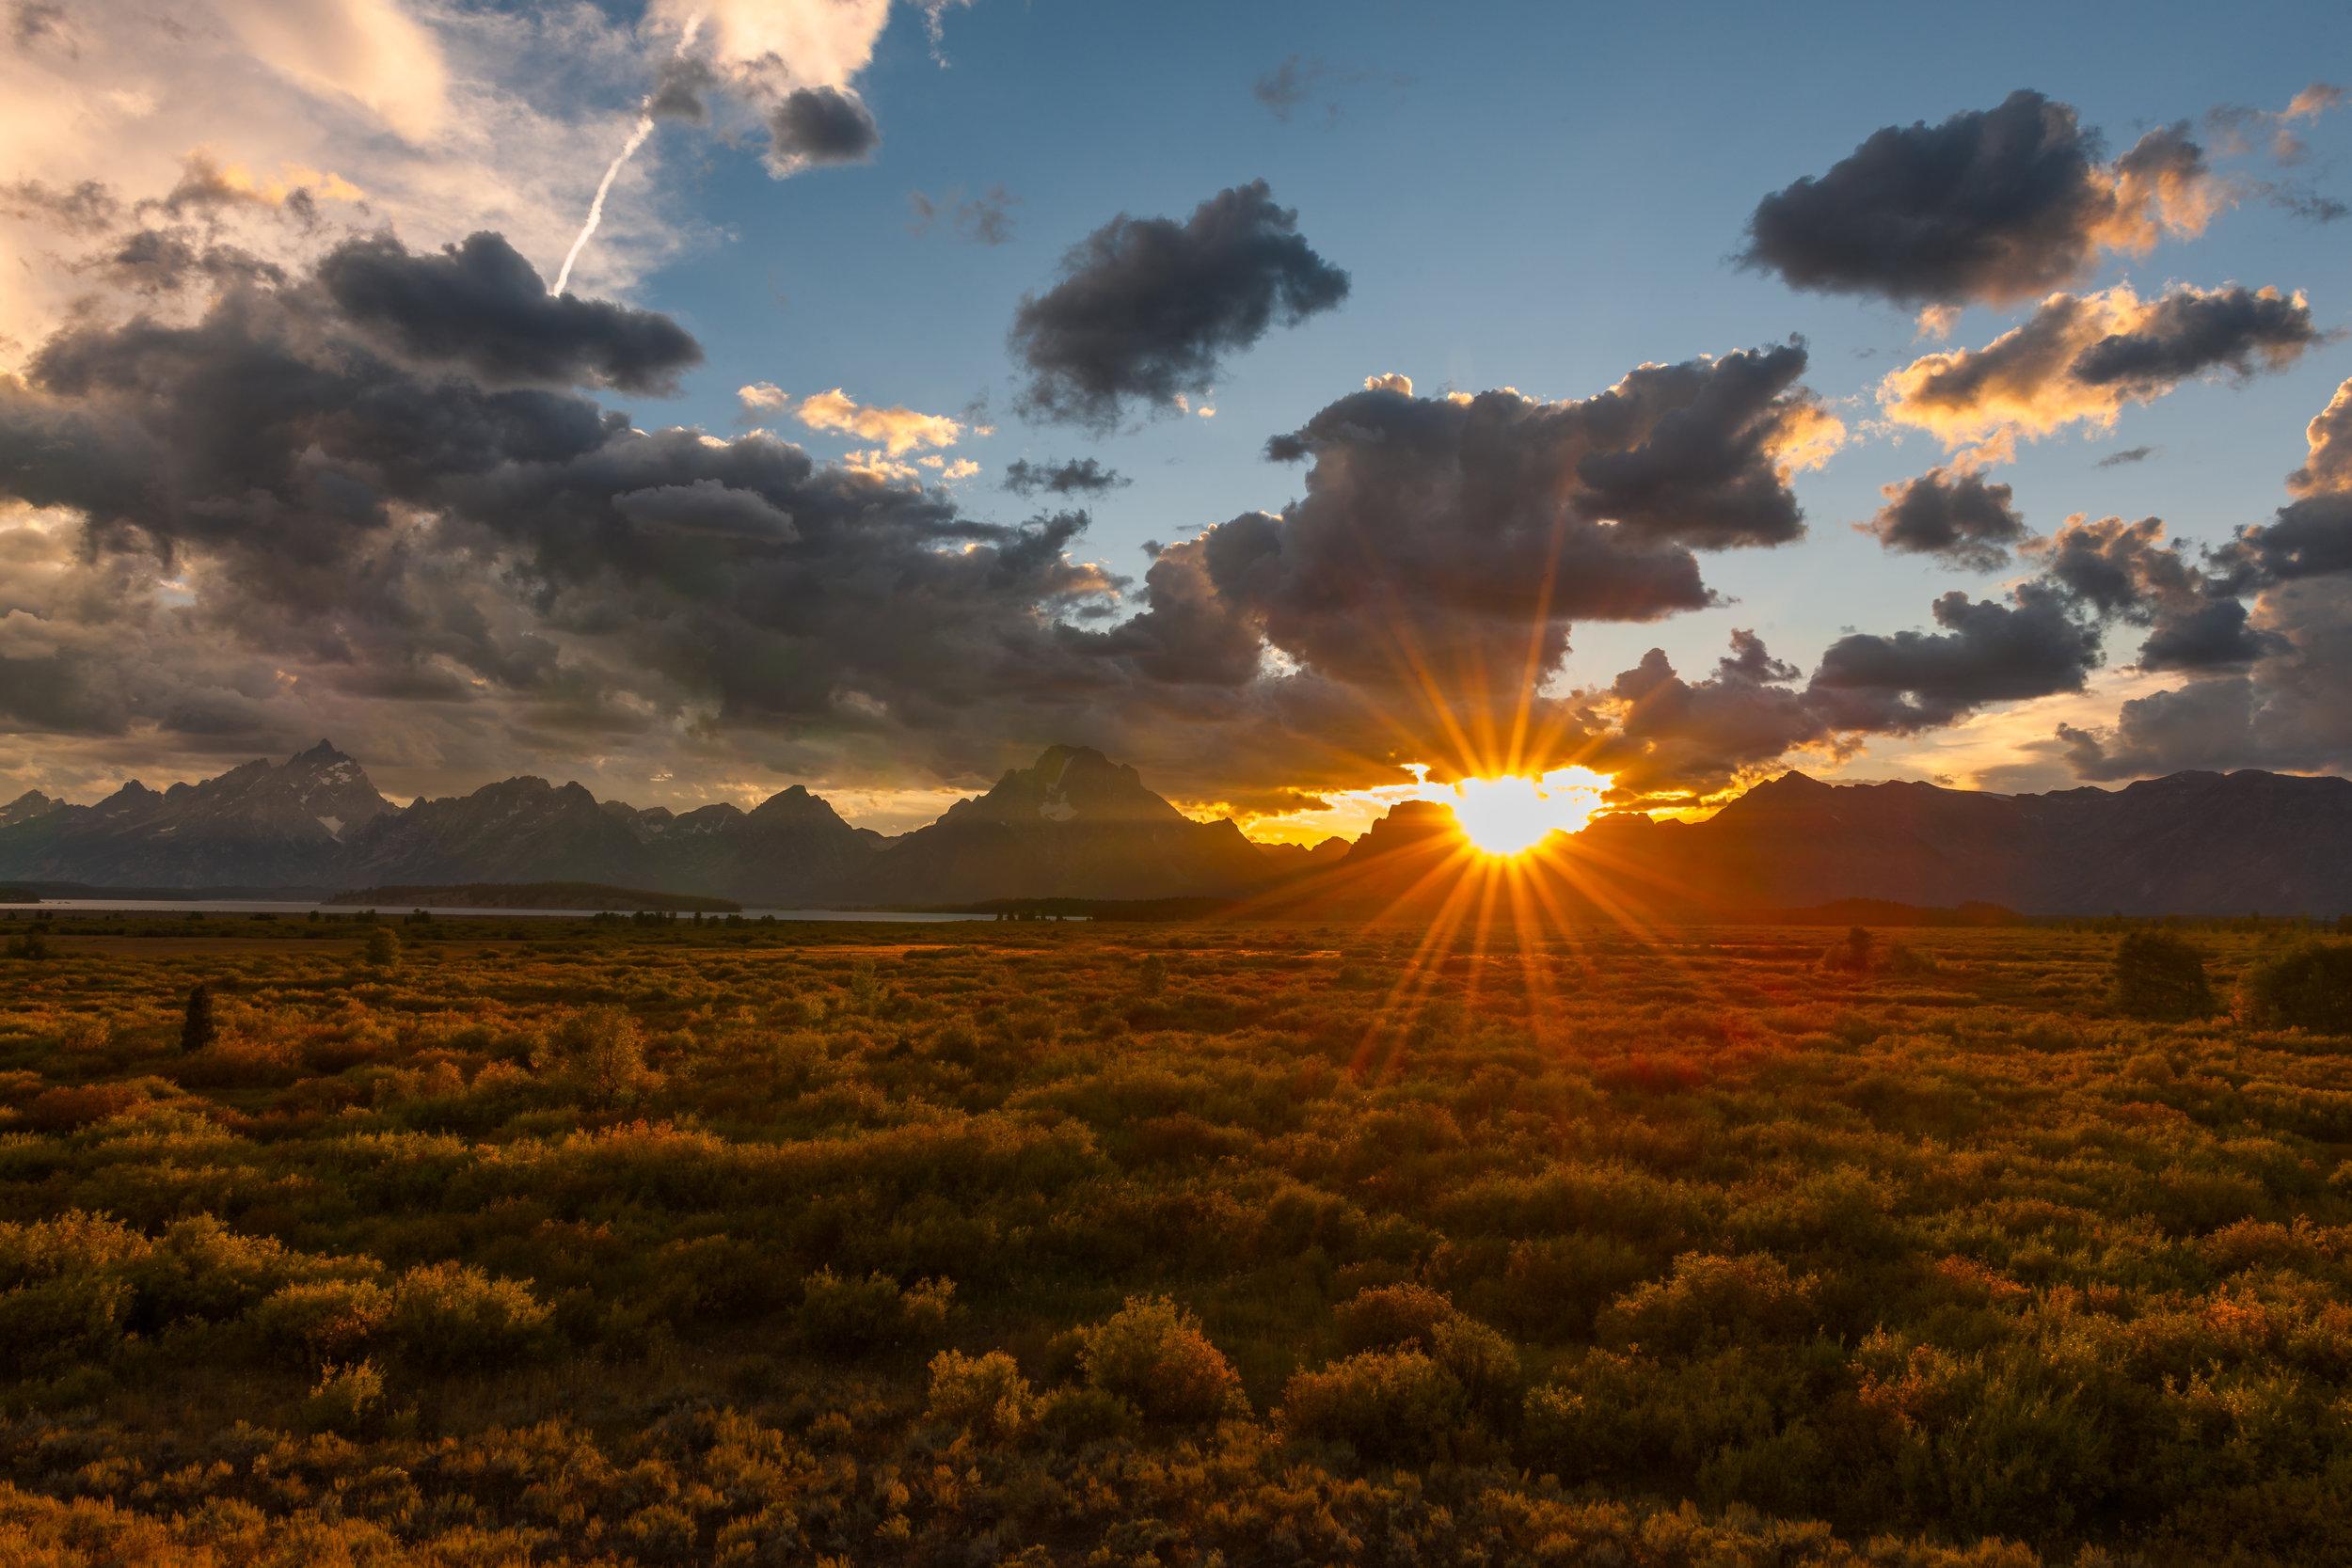 Grand Teton National Park, USA ISO50 F16 1/25th at 24mm